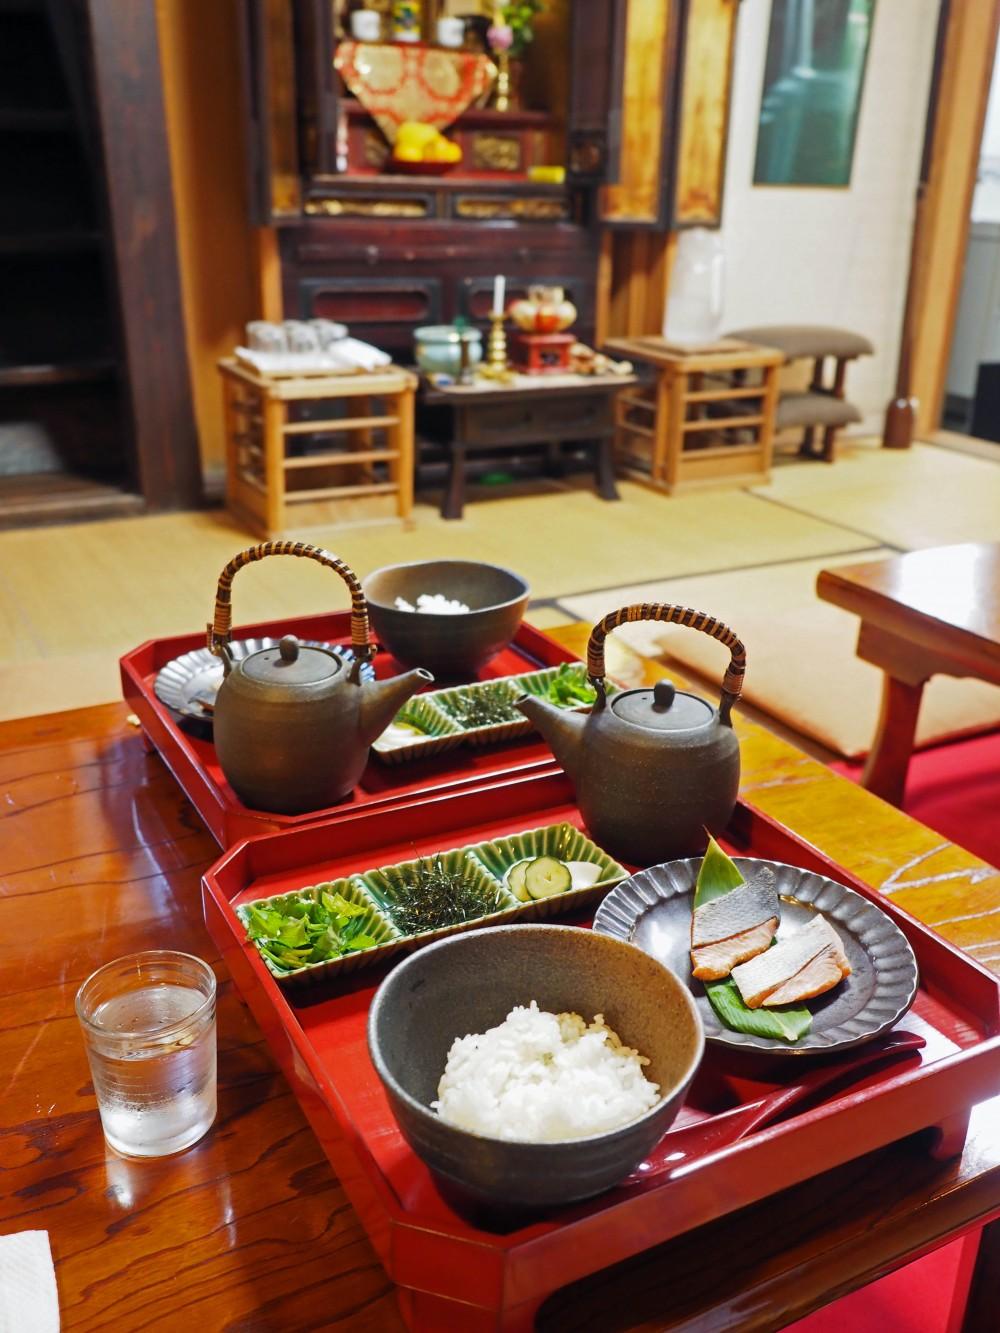 ラーメン屋ジョン@武蔵関駅北口〜3種類ある無化調ラーメン